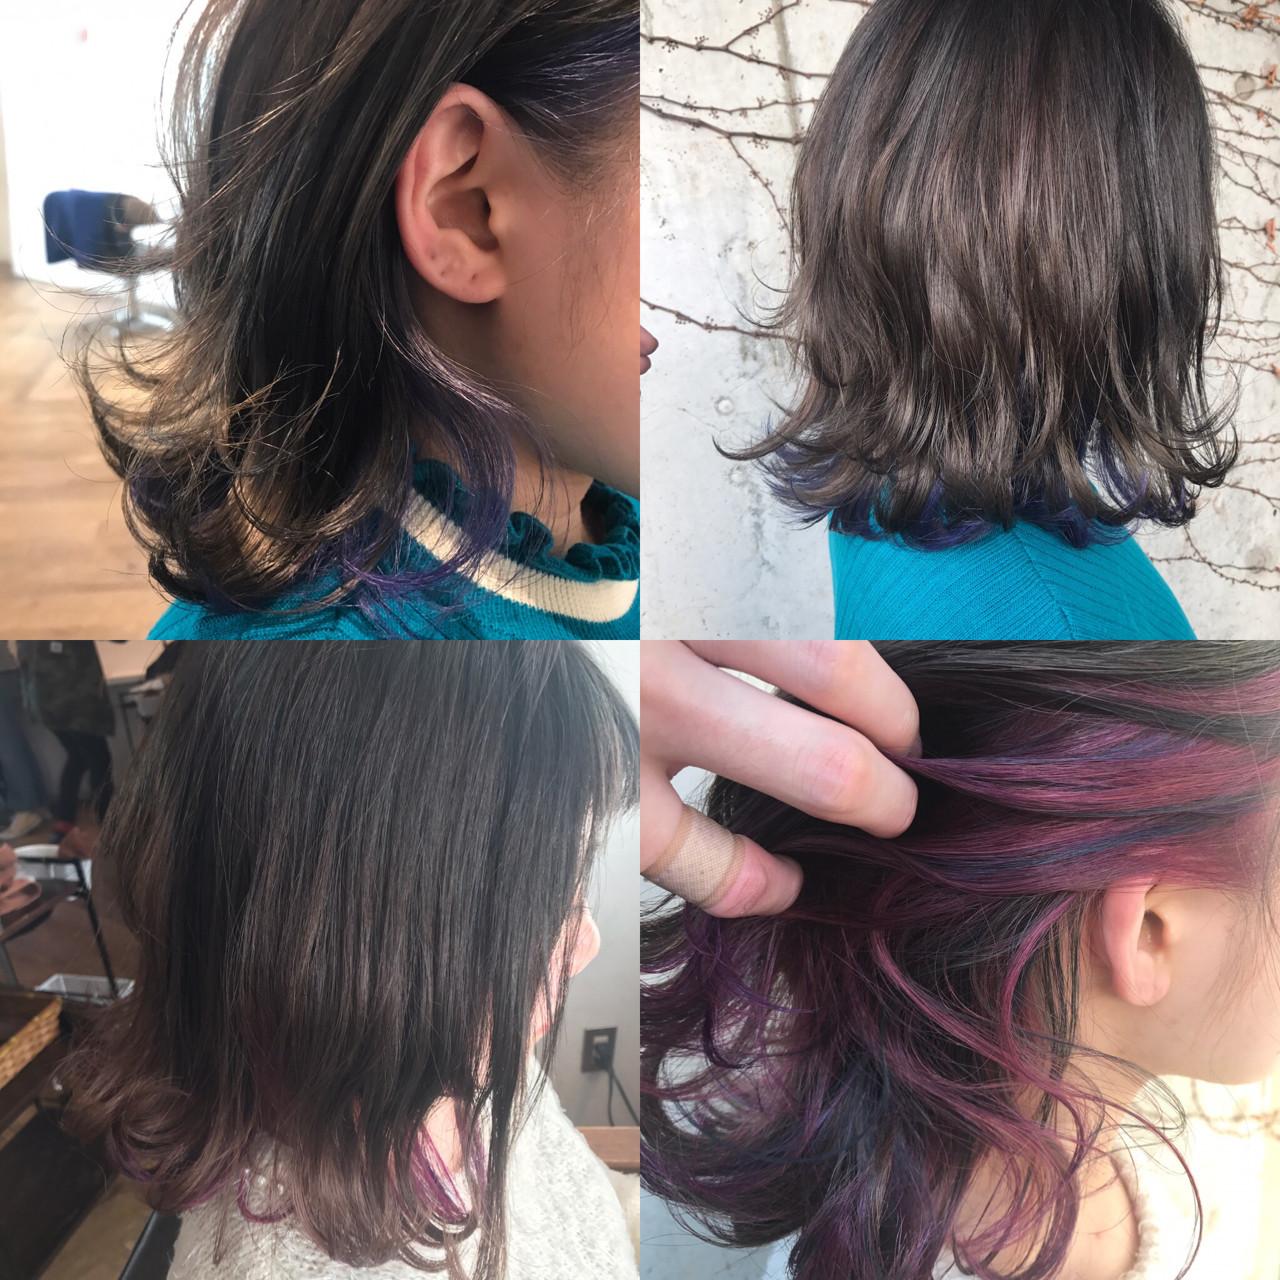 インナーカラー 透明感 ミディアム グレージュ ヘアスタイルや髪型の写真・画像